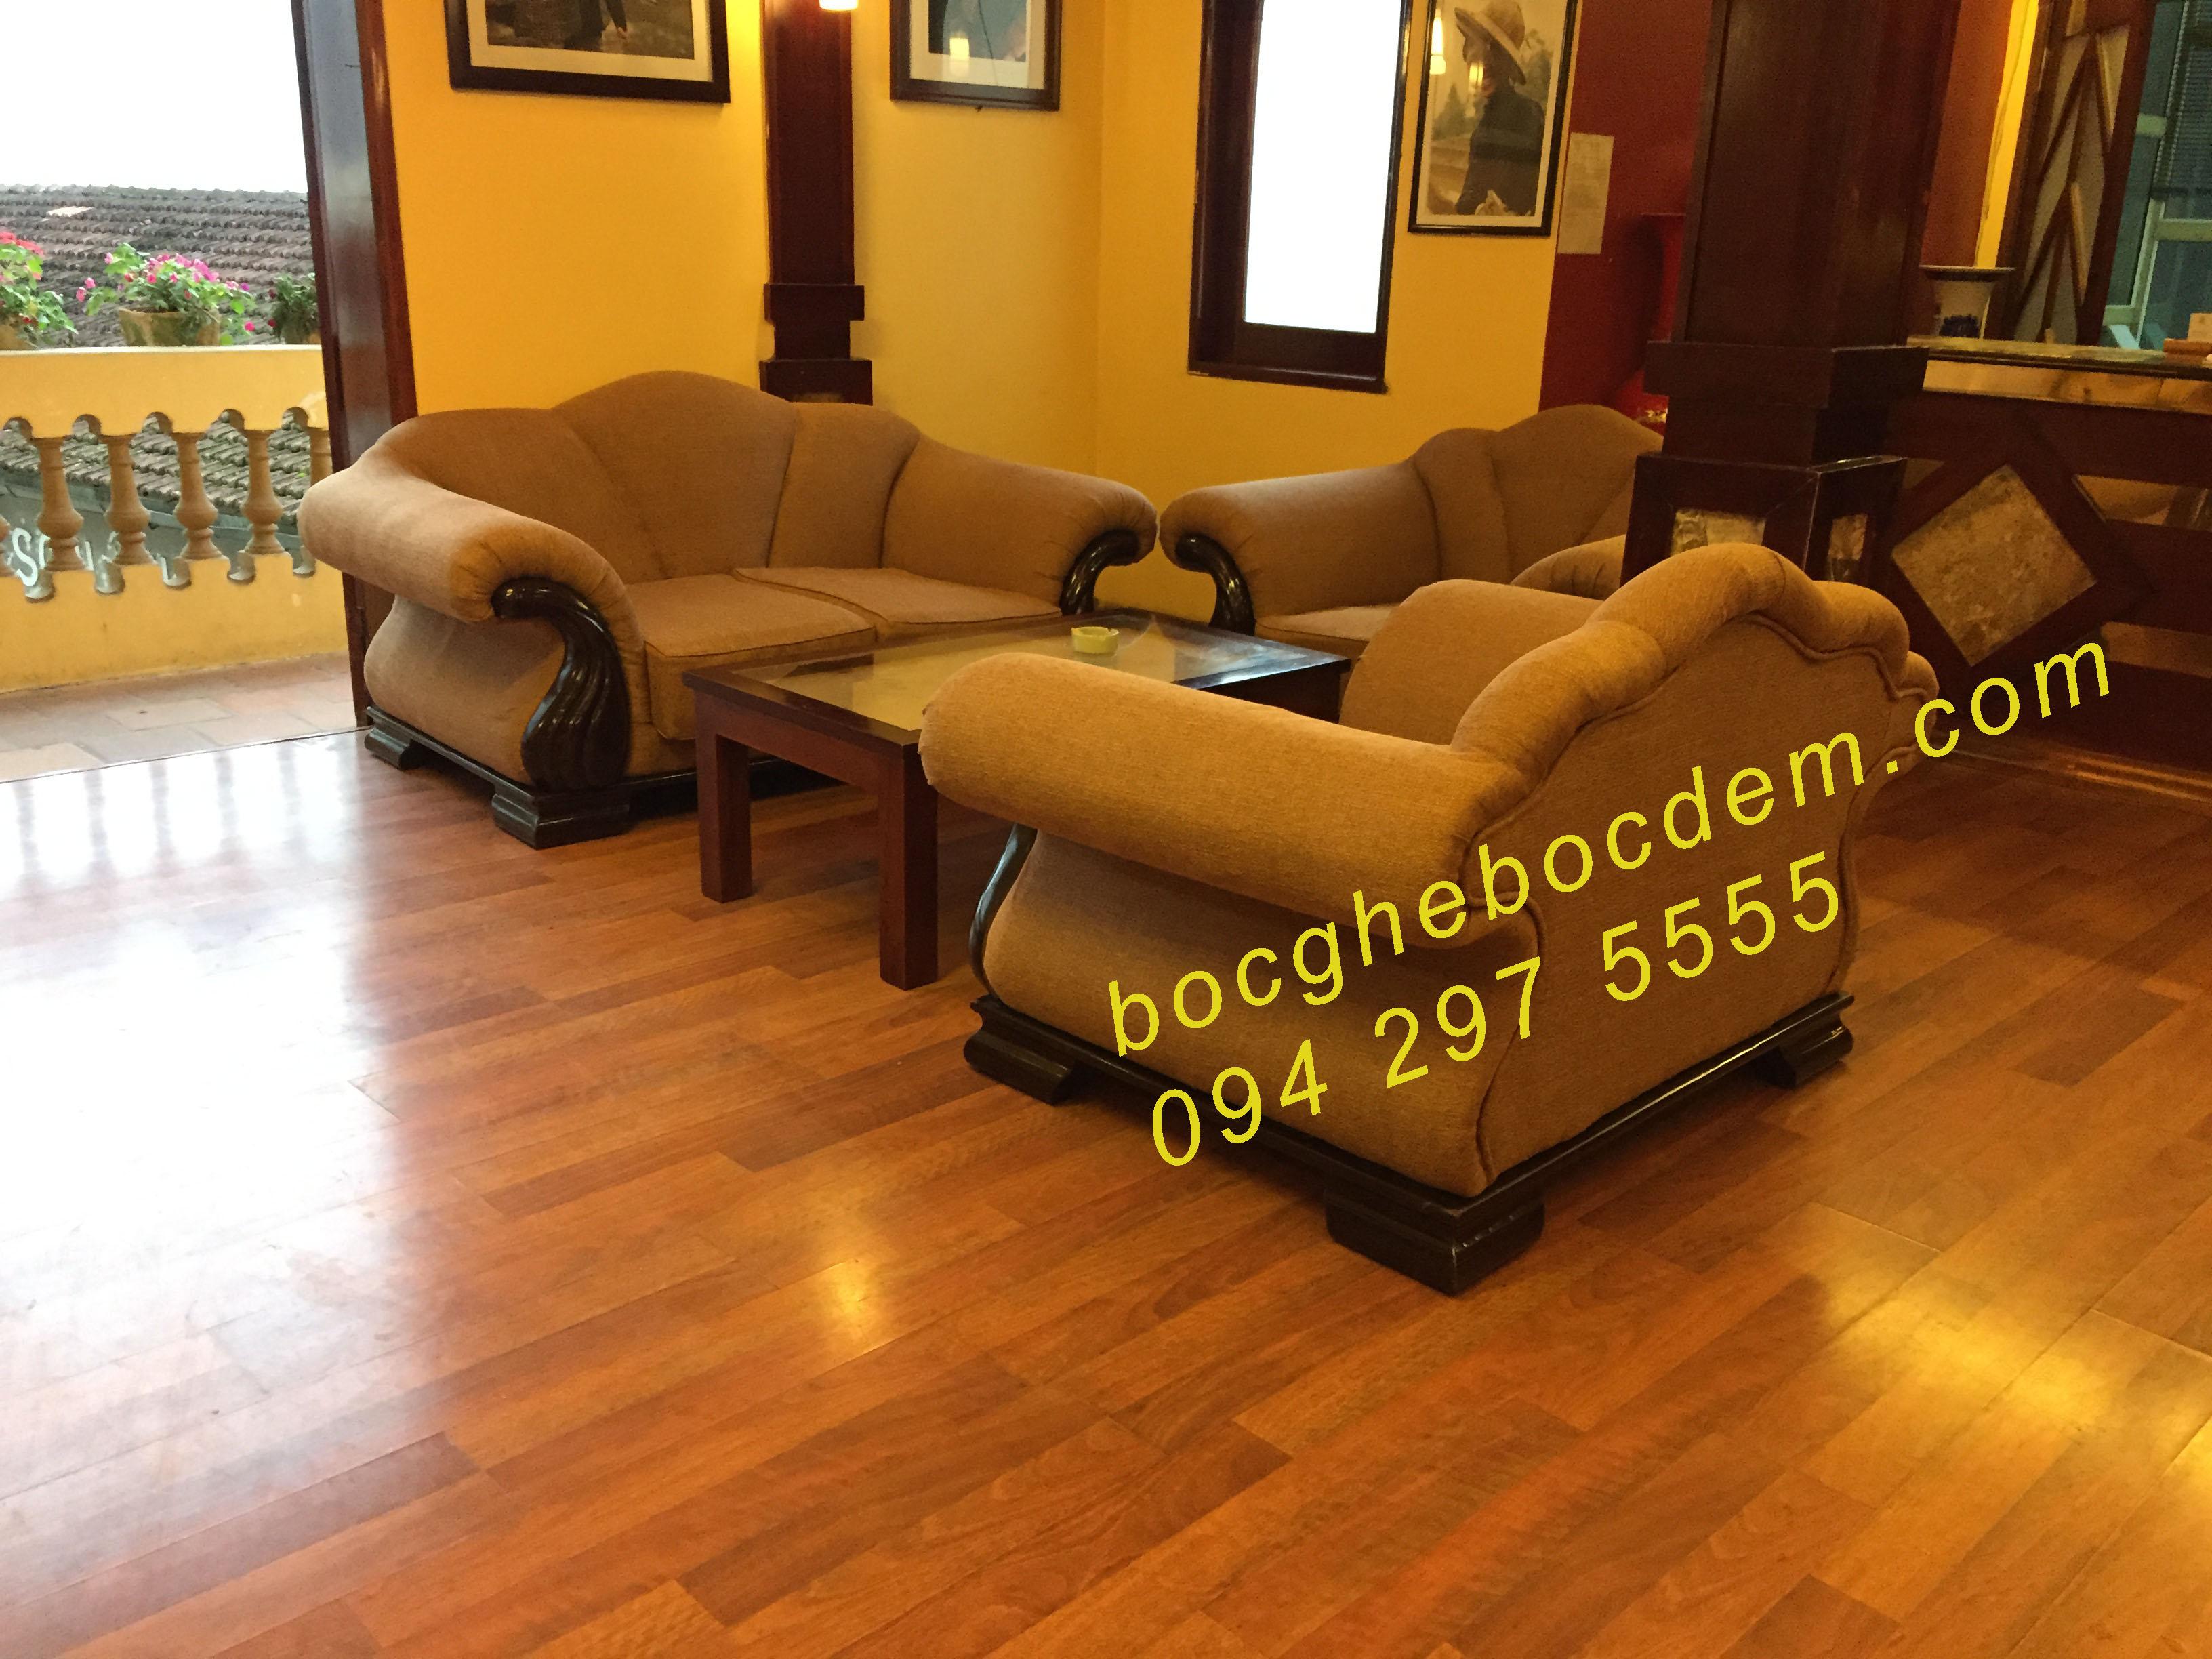 Bọc ghế khách san long châu -sapa